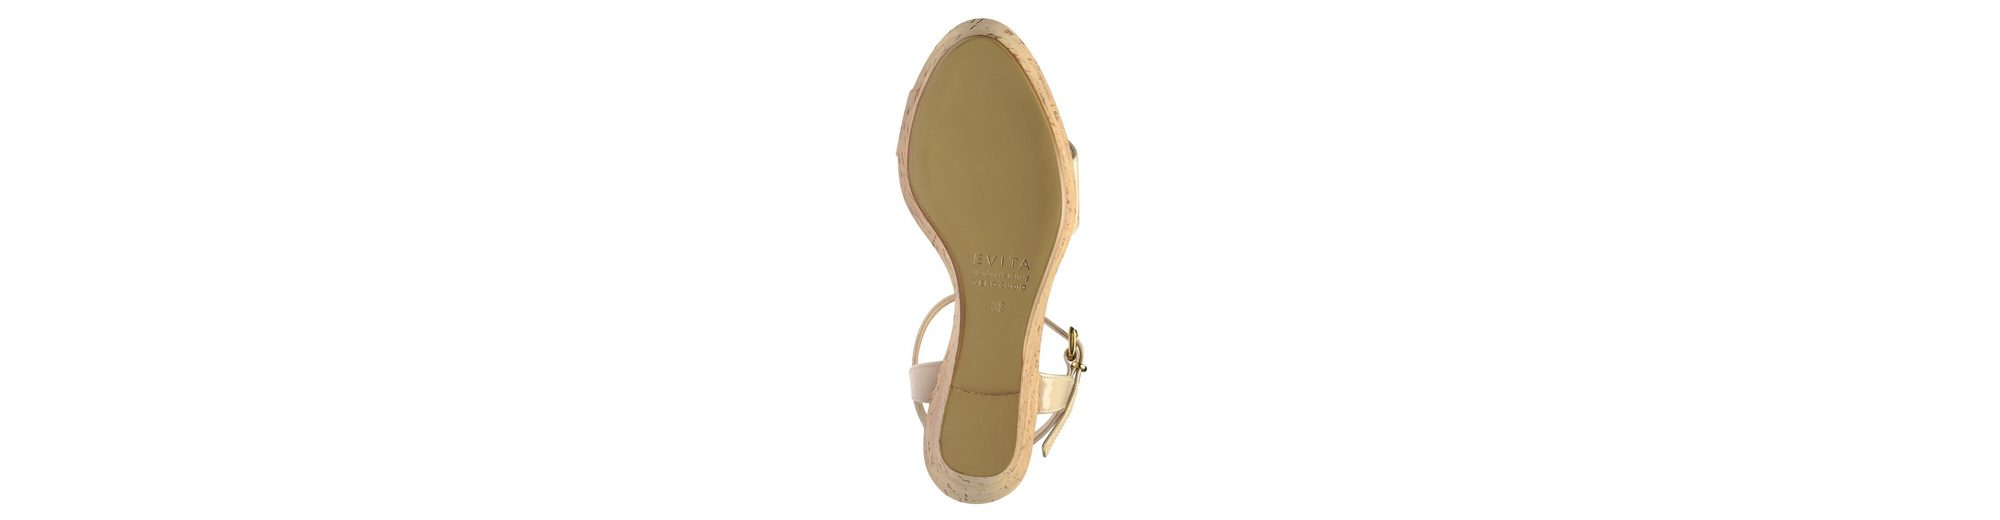 Freies Verschiffen Ausgezeichnet Evita VALERIA Sandalette Günstige Verkaufspreise YhlmYGuT